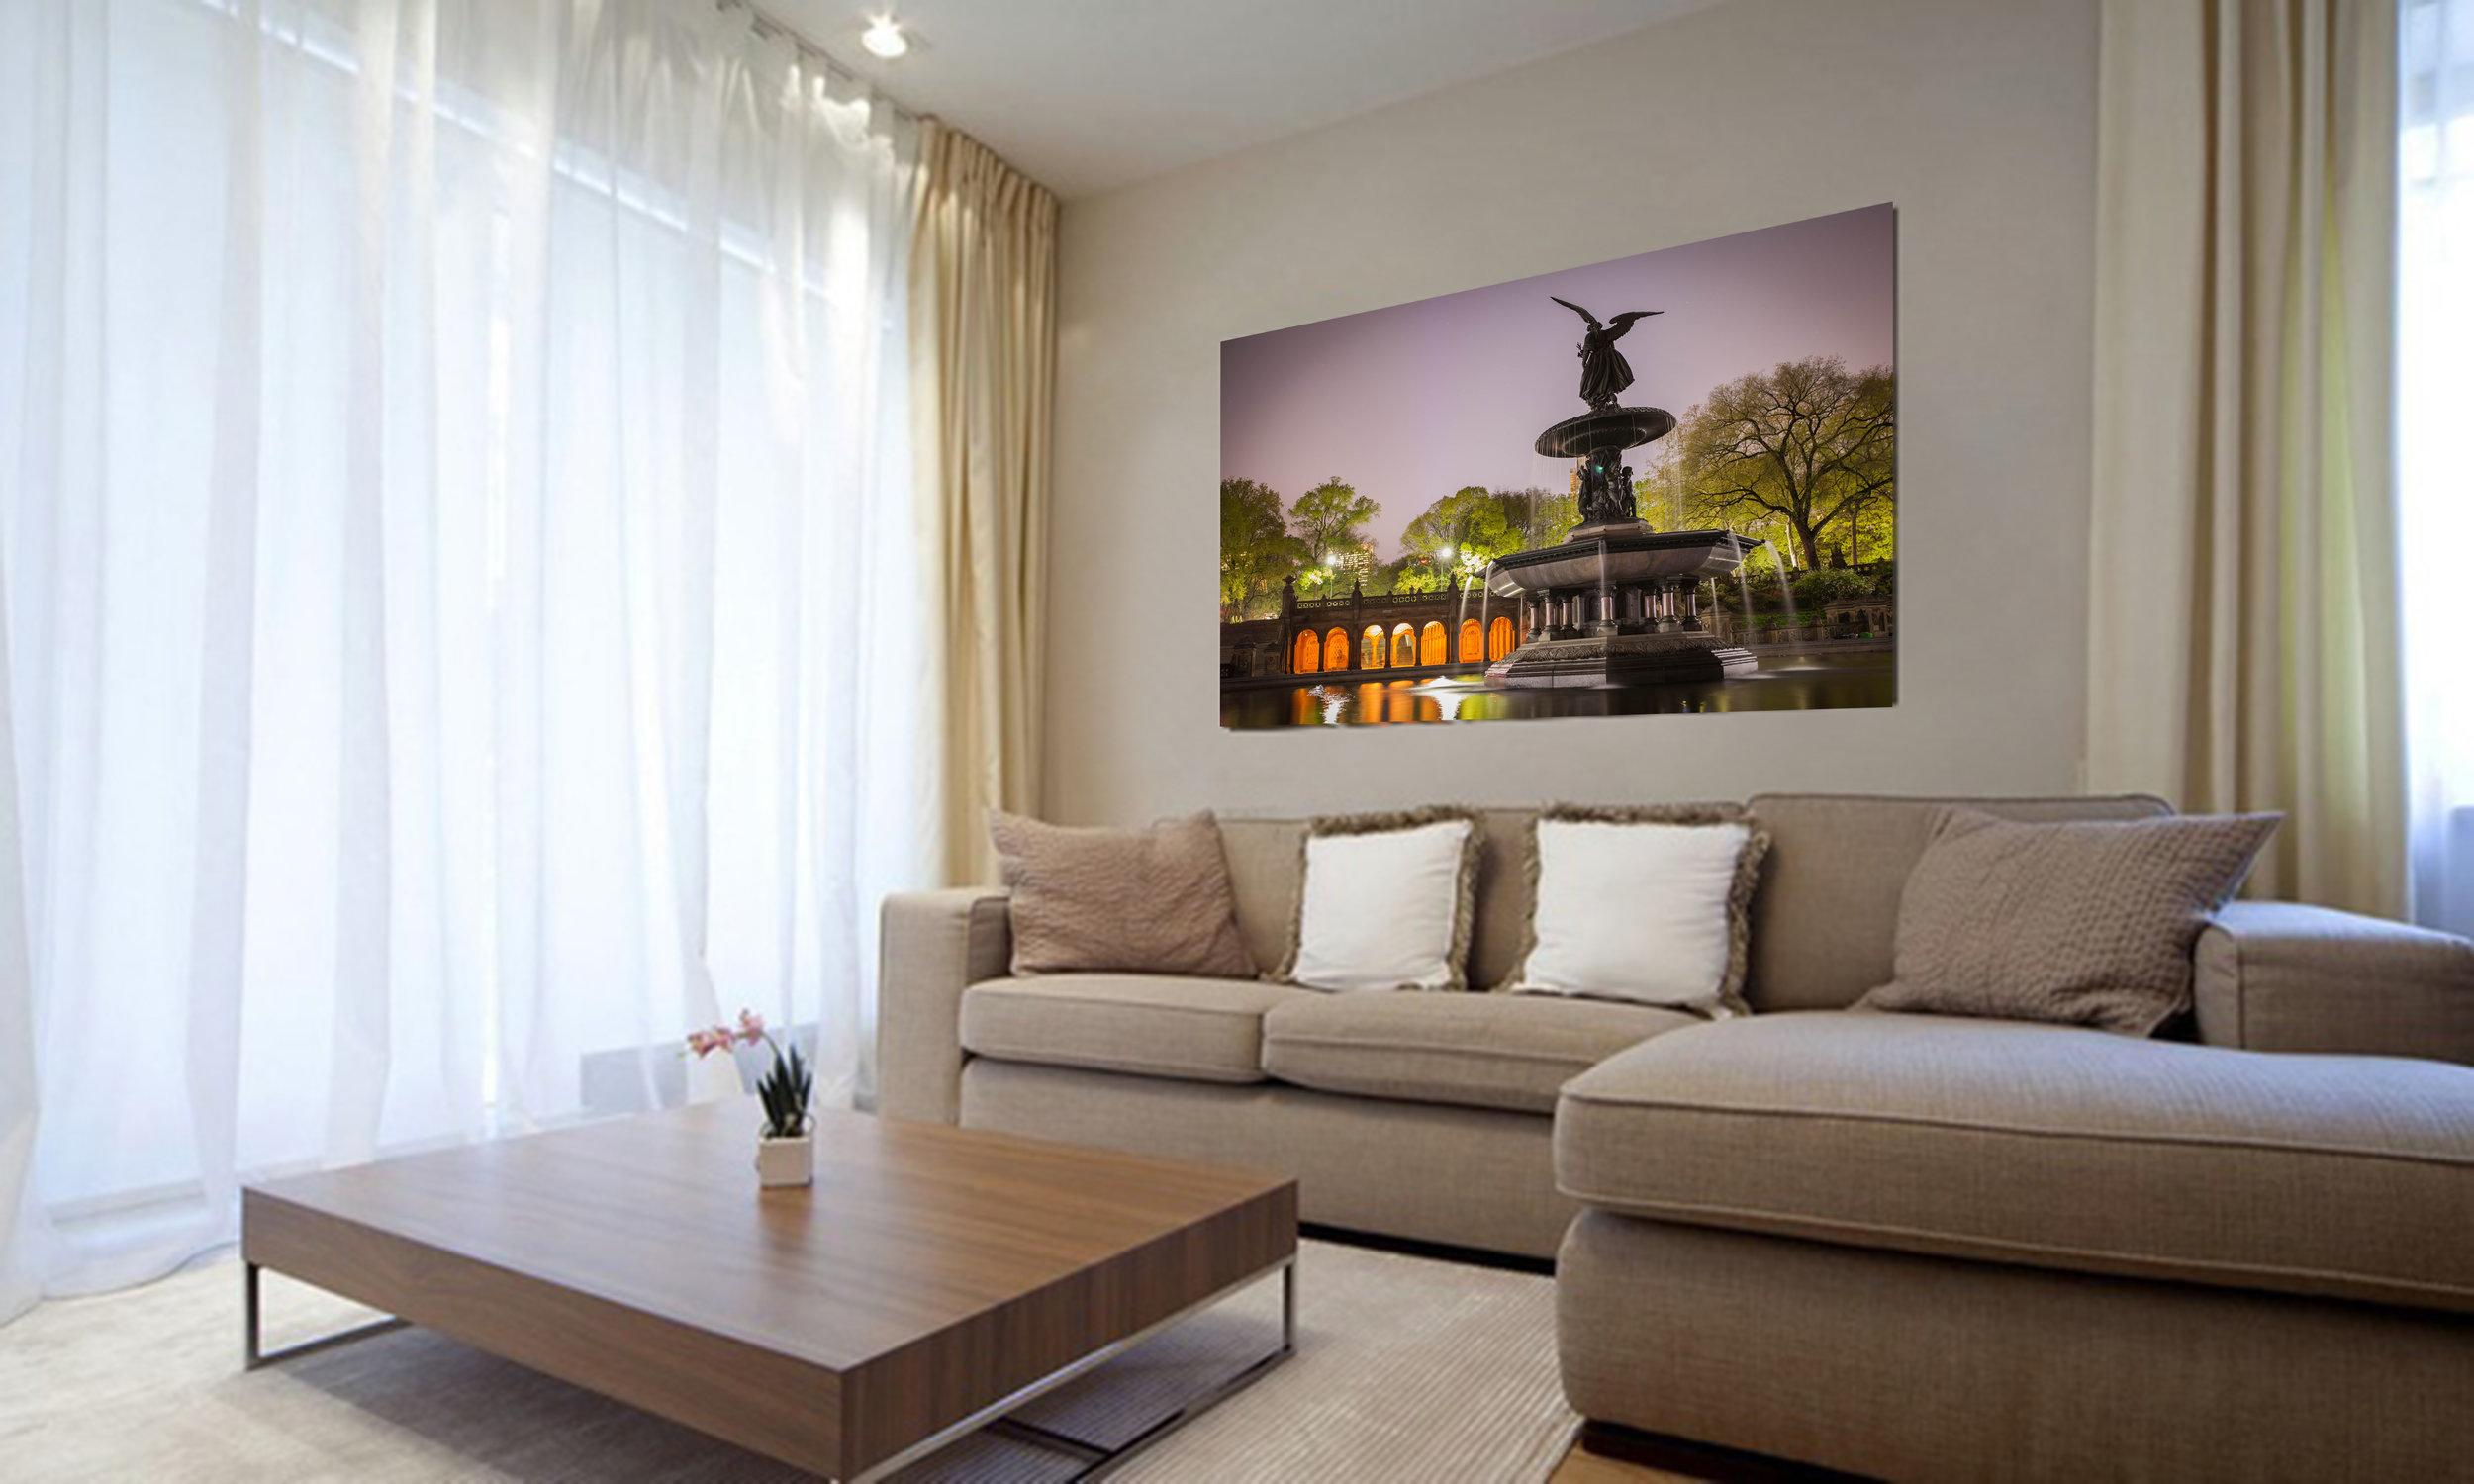 RE_CentralPark_livingroom.jpg